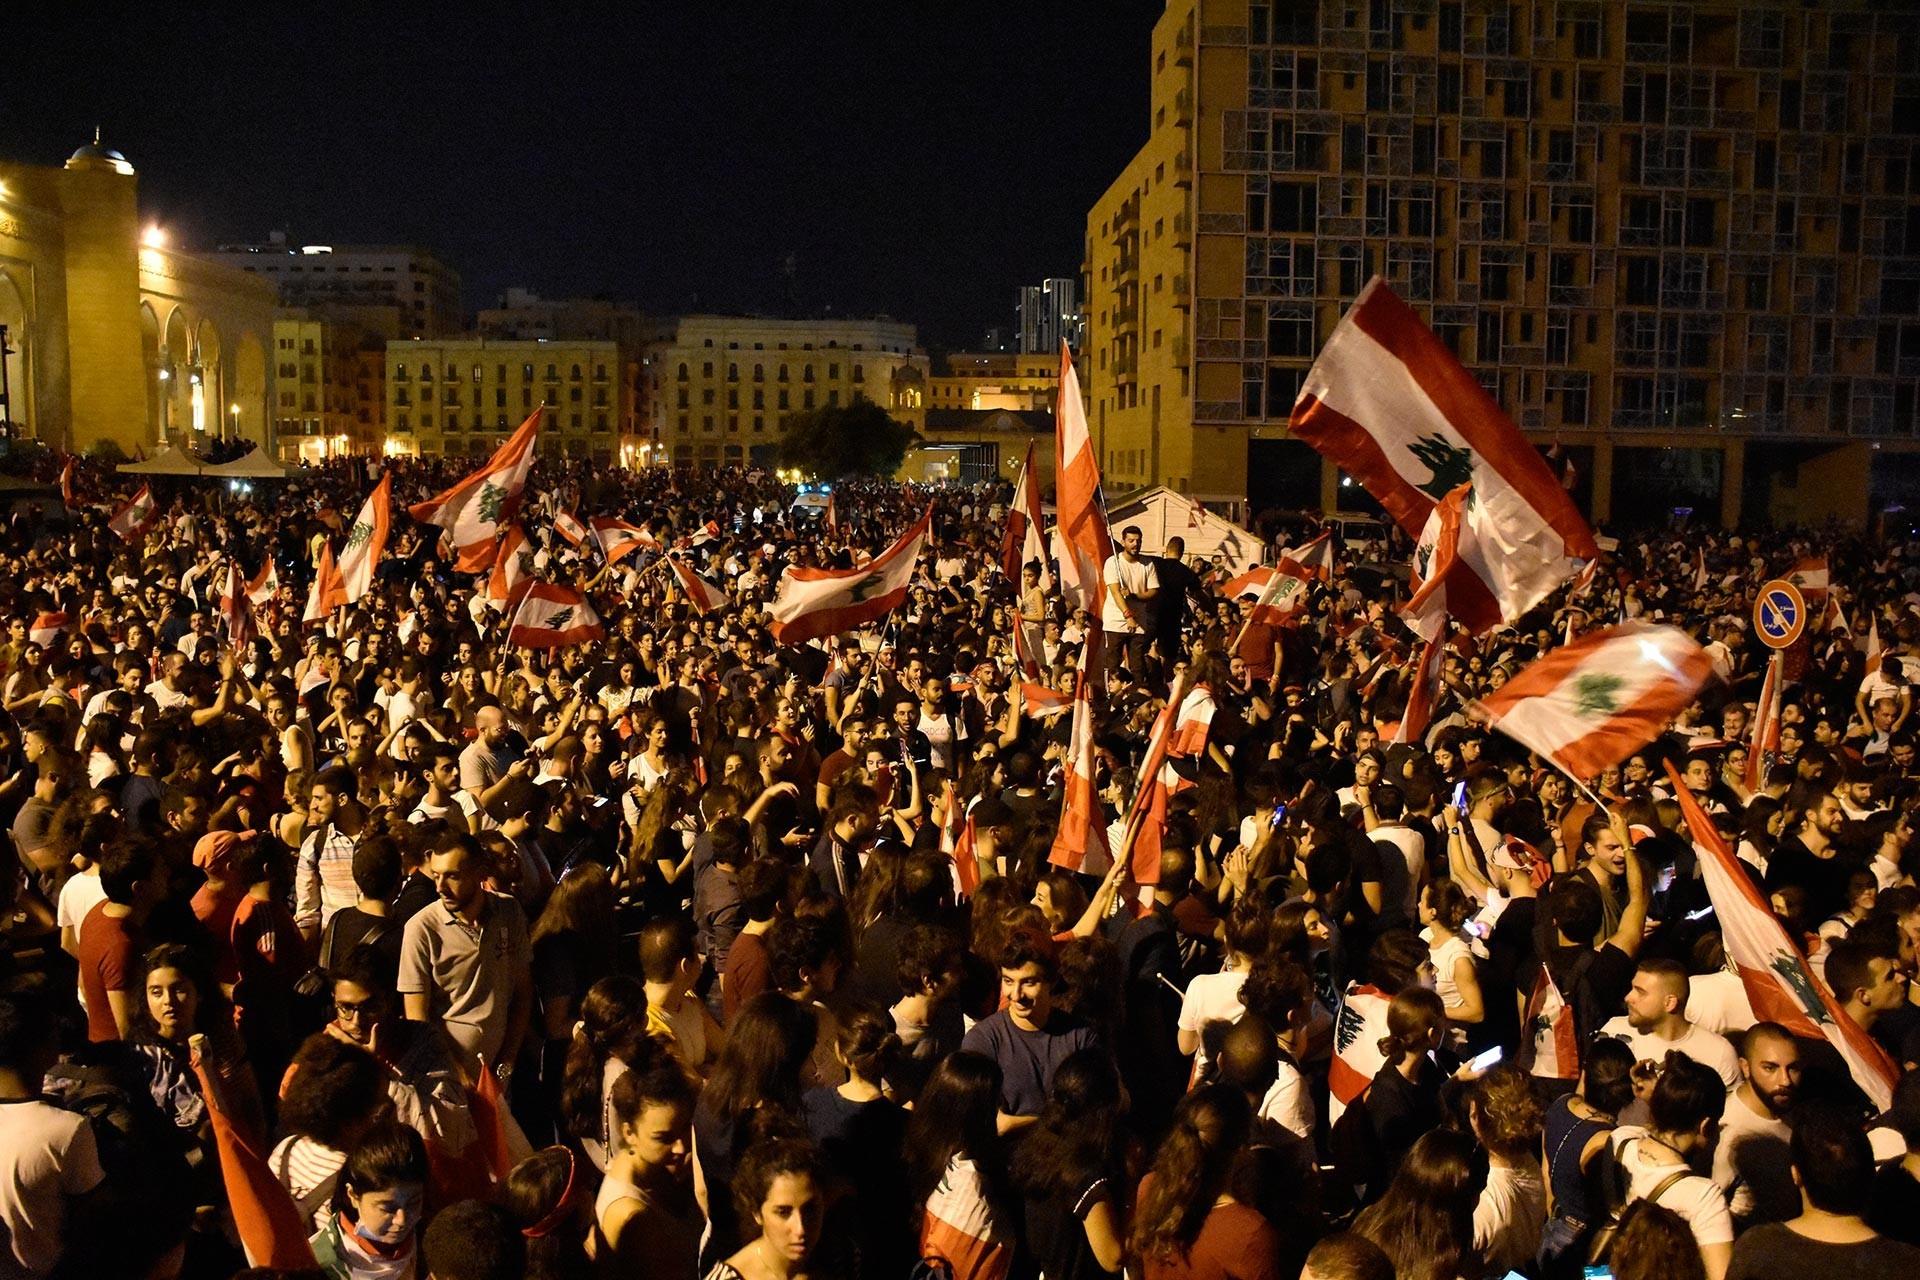 Lübnan'daki protestolarda asker müdahalesi sonucu 9 kişi yaralandı